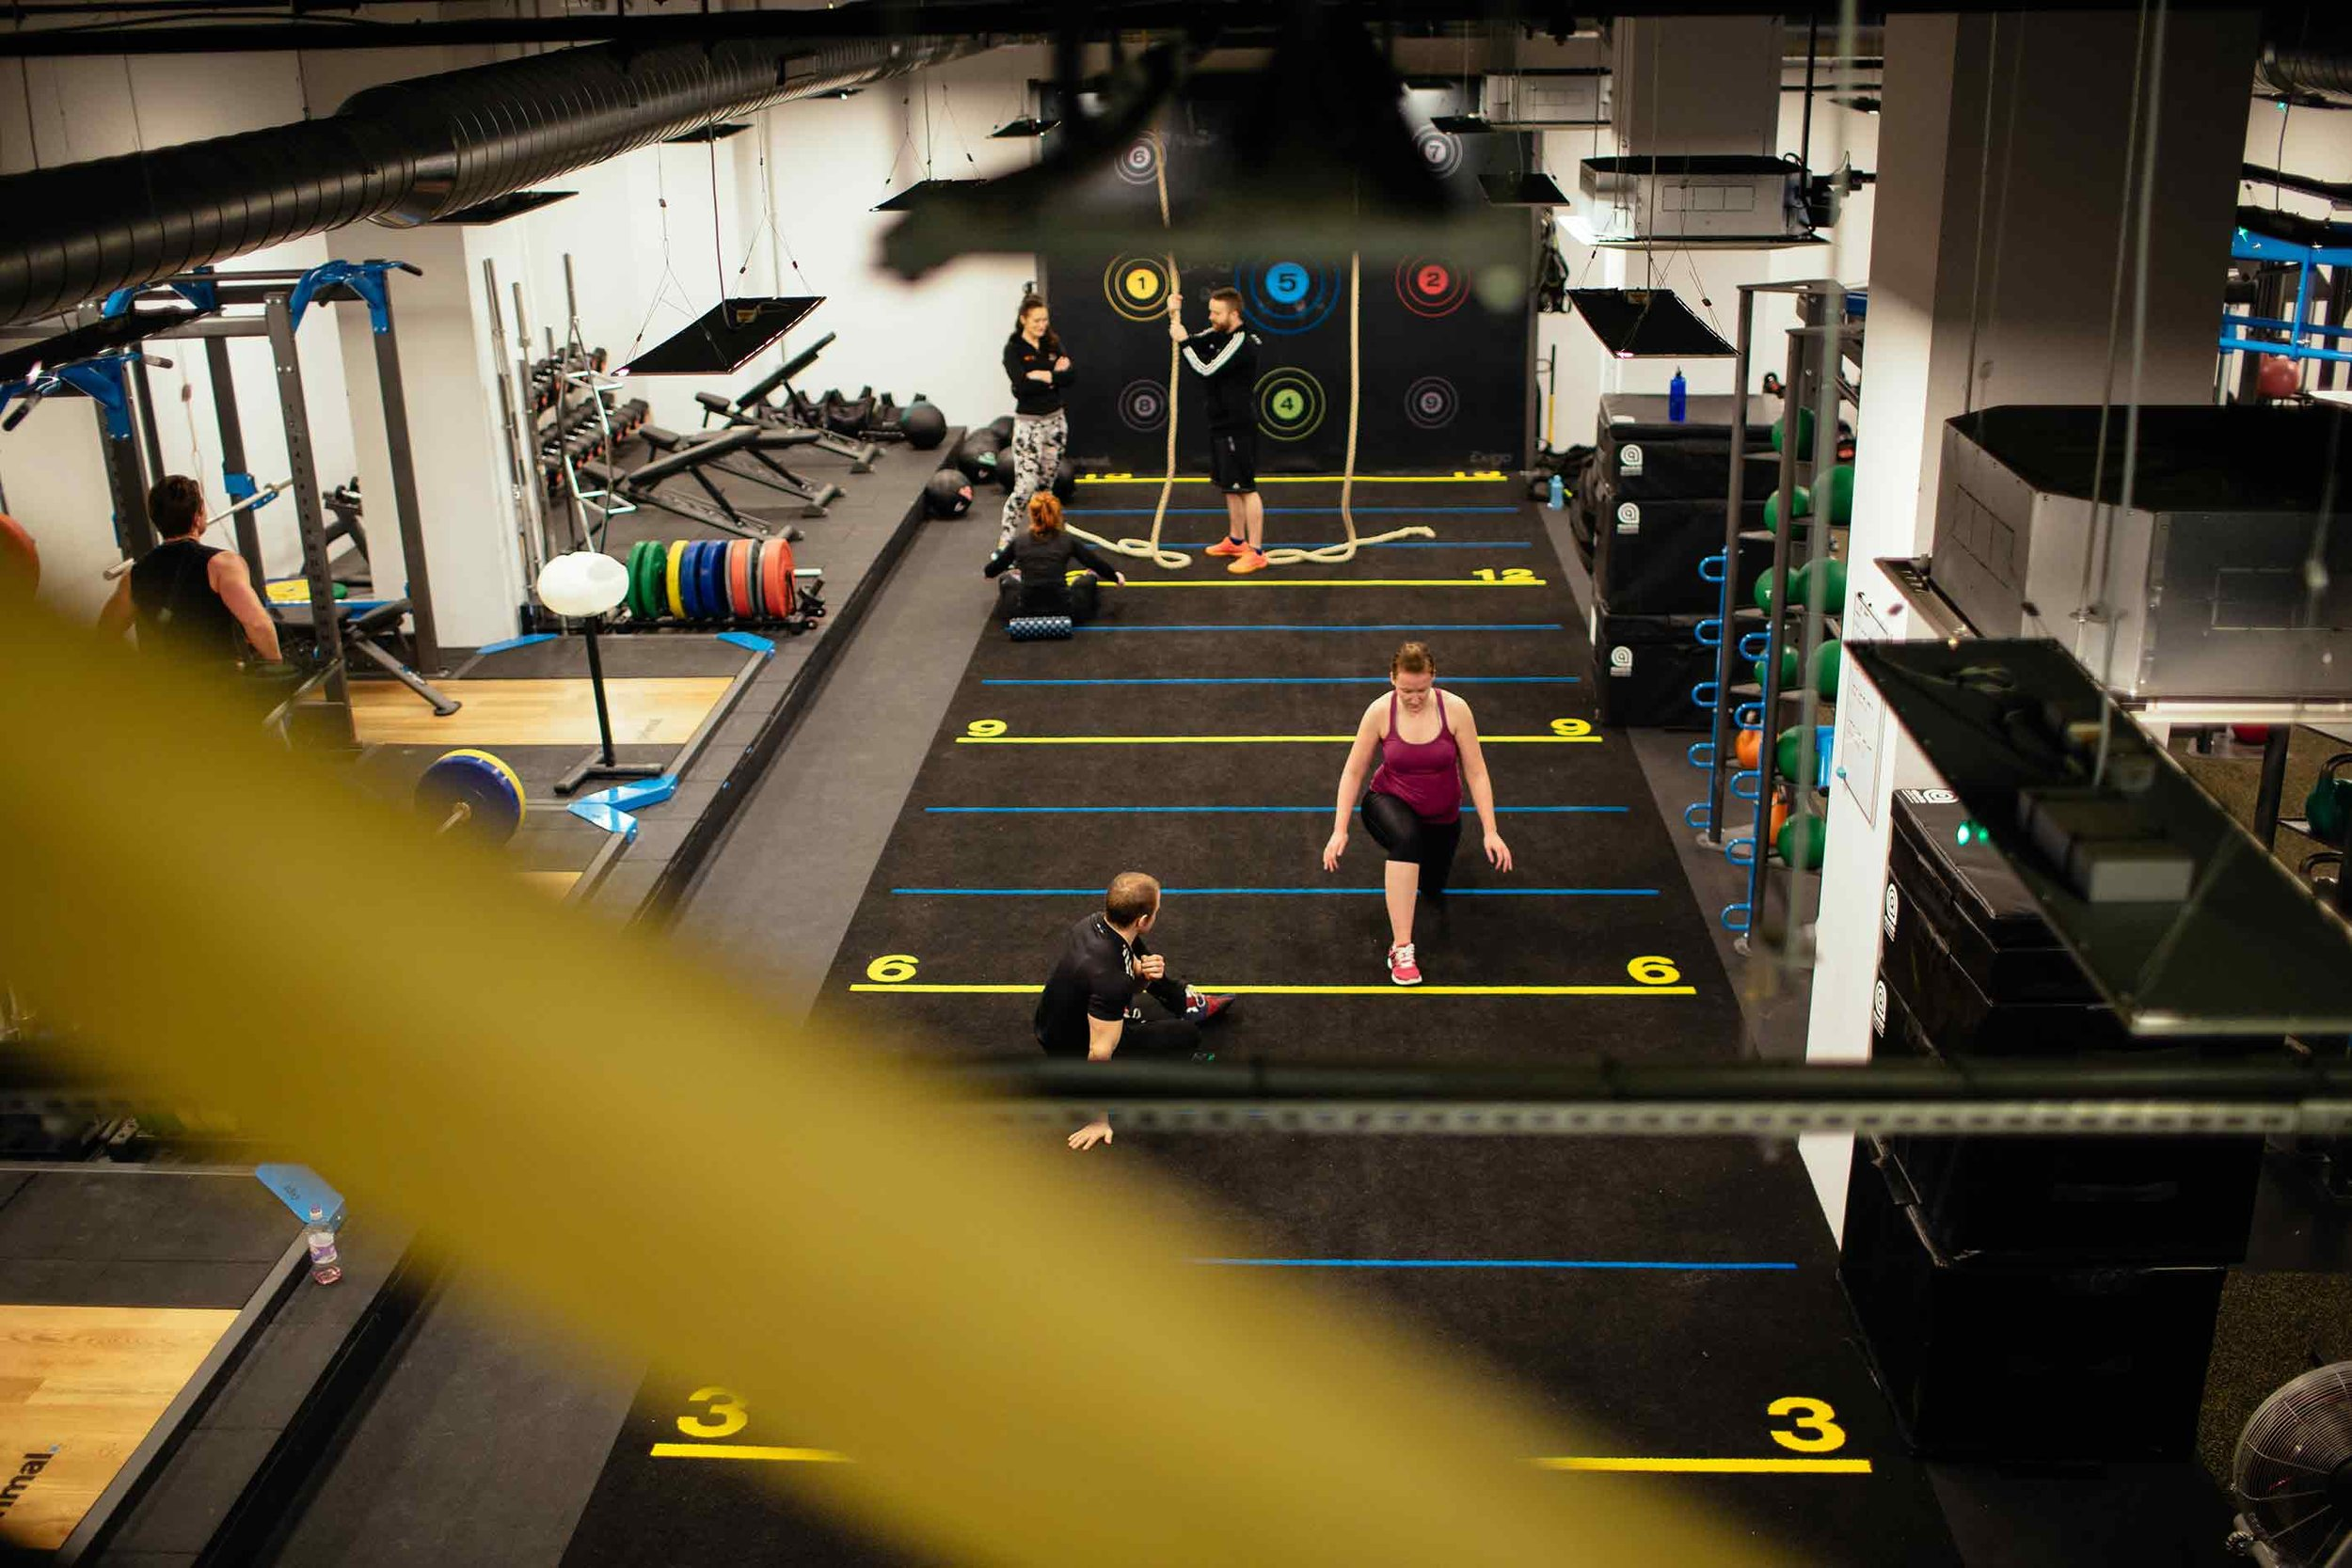 Primal-Gym-Leeds-5.jpg